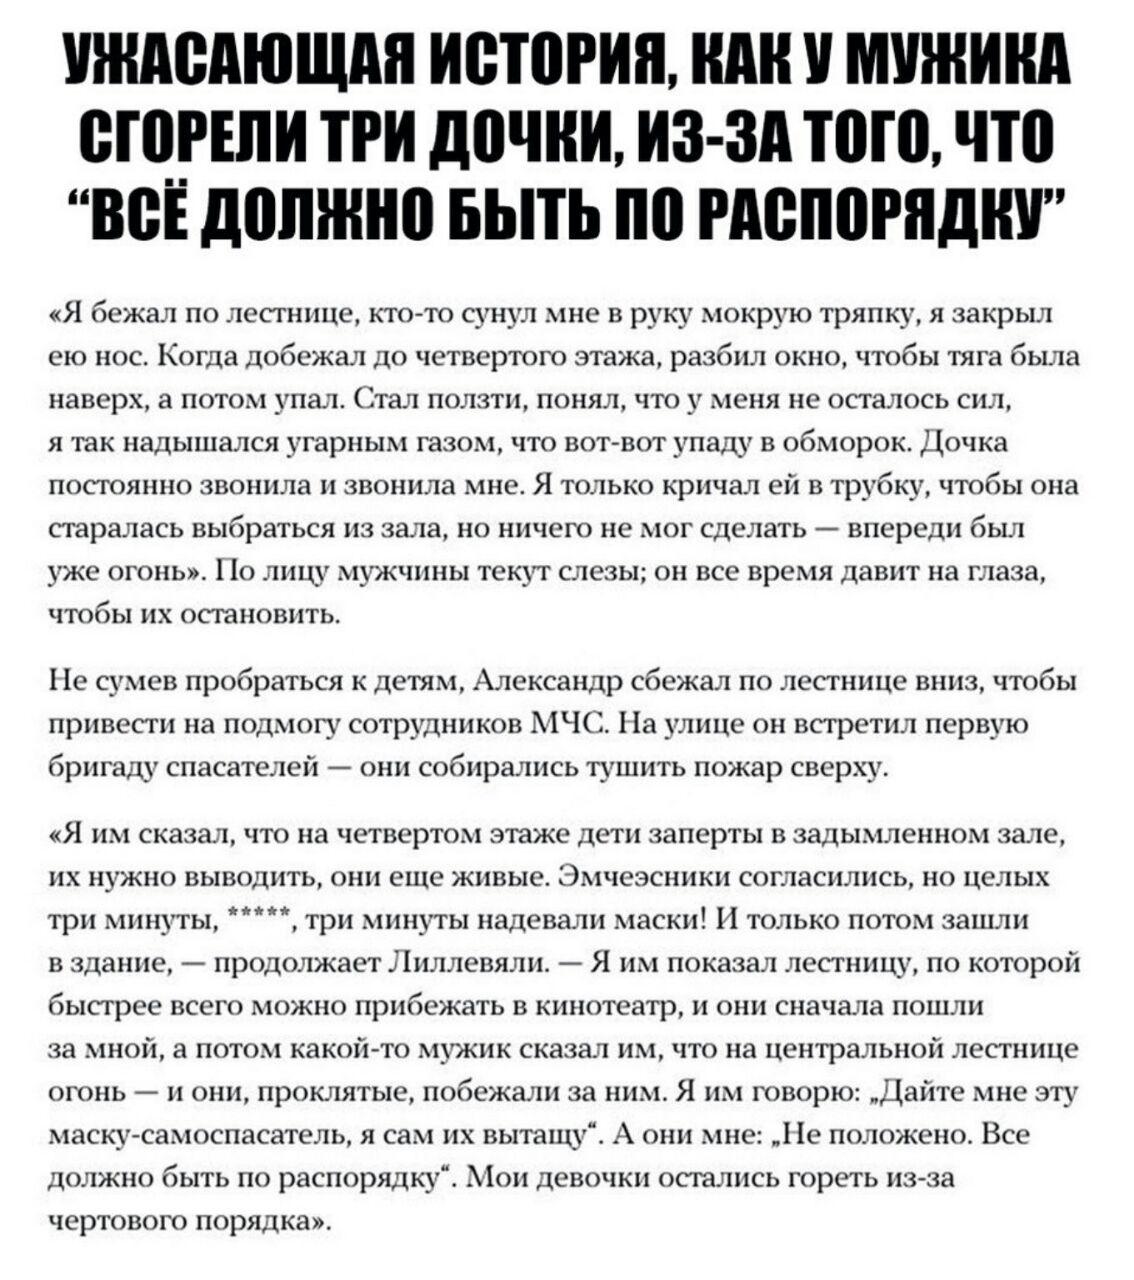 Признание потерпевшего в пожаре в Зимней Вишне, Кемерово, потерявшего одним разом троих детей!